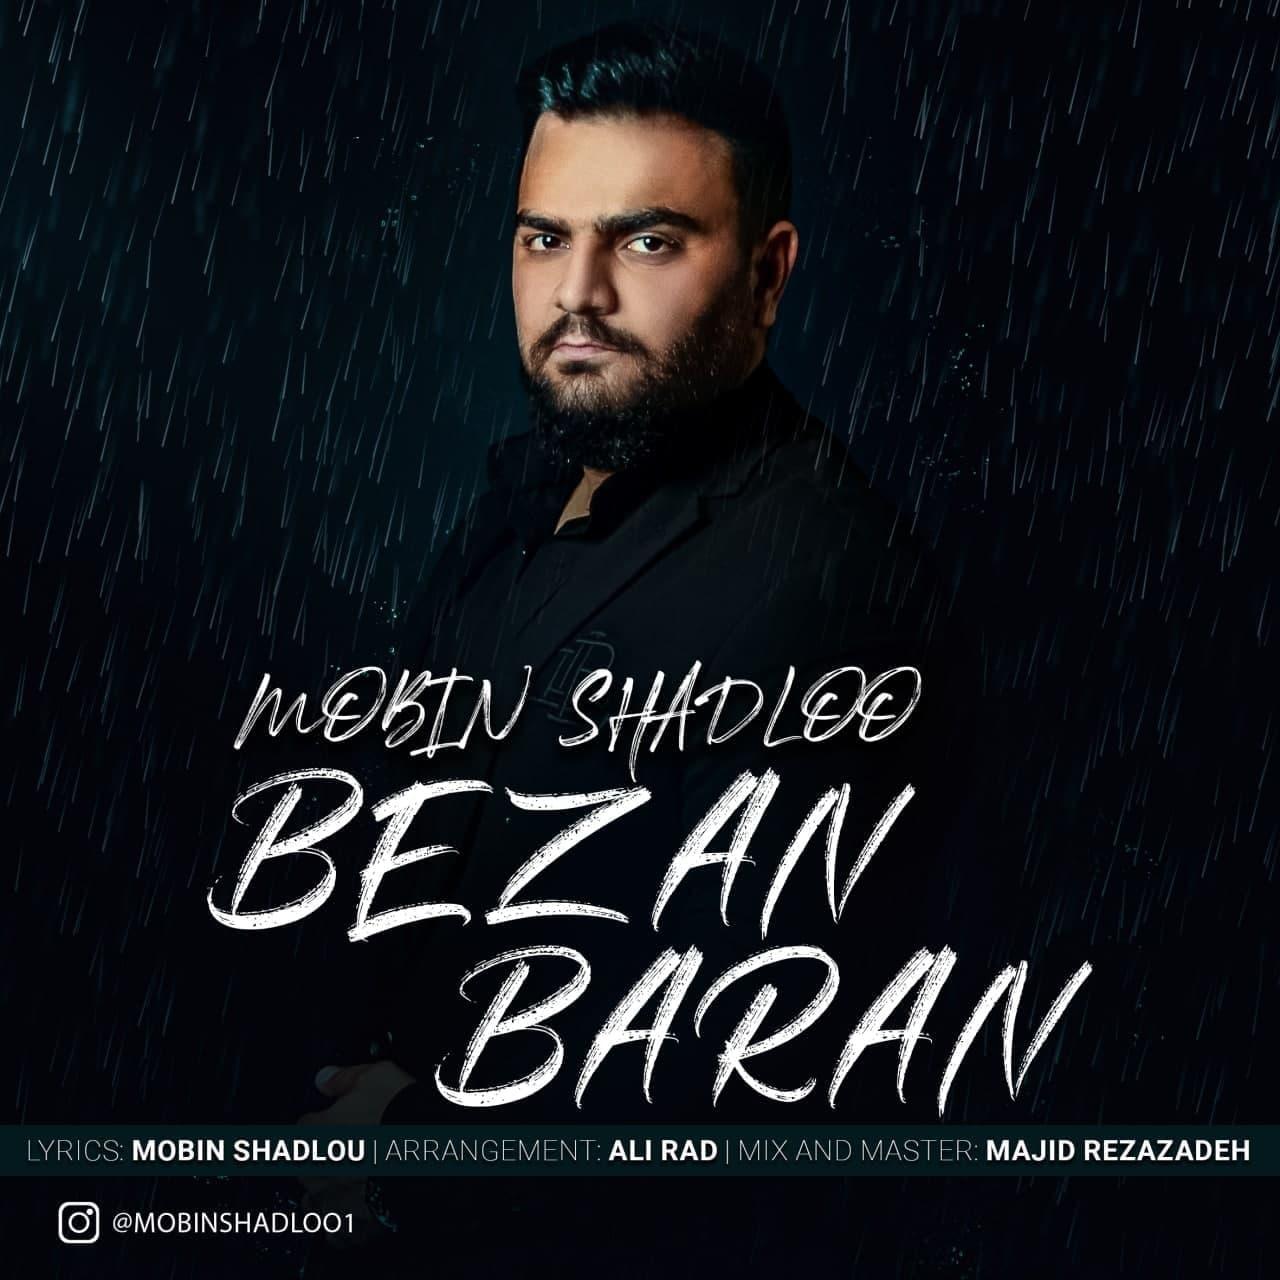 Mobin Shadloo – Bezan Baran